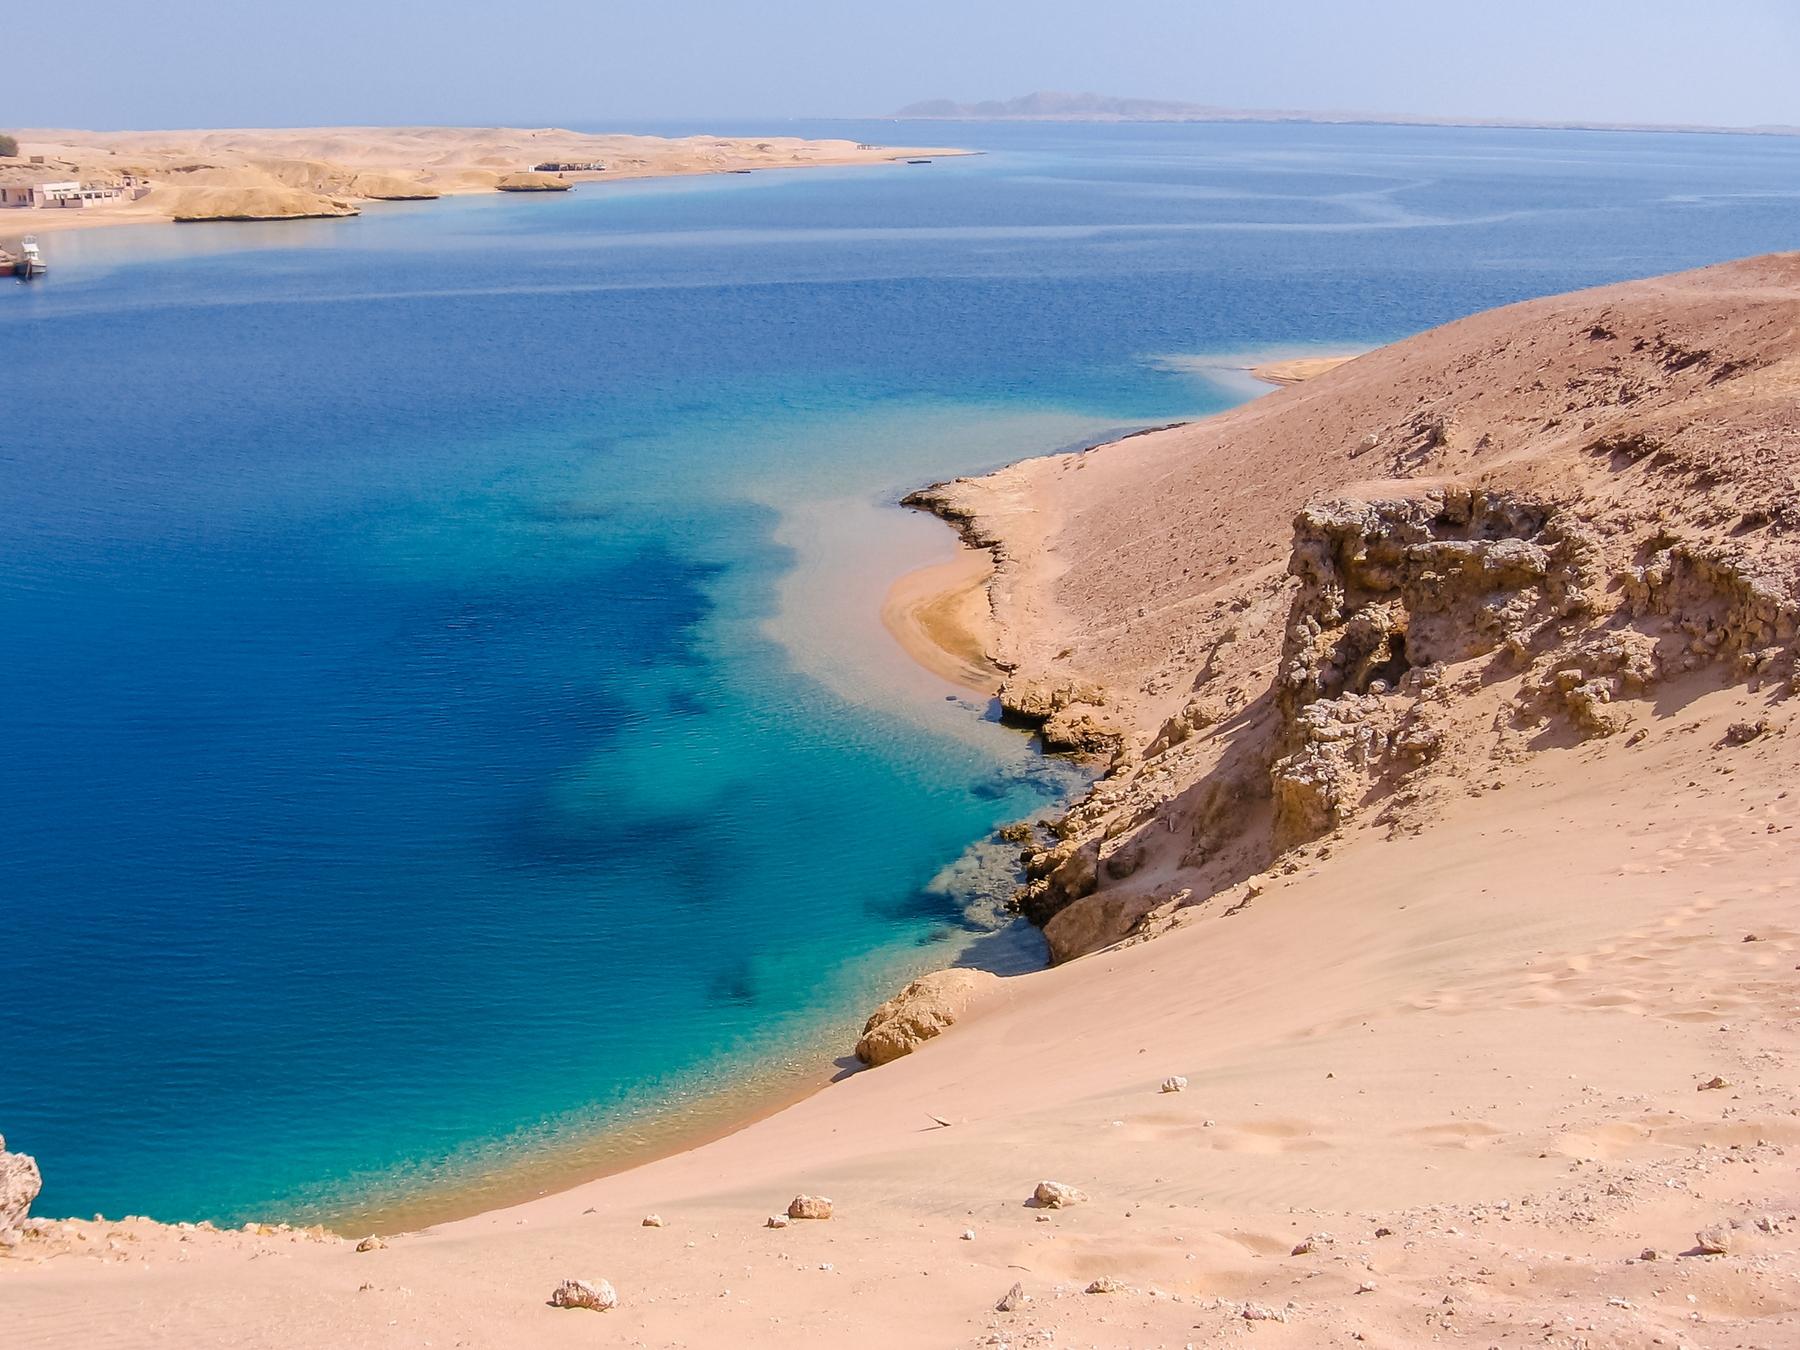 Sharm el Sheikh is a great destination for beach holidays